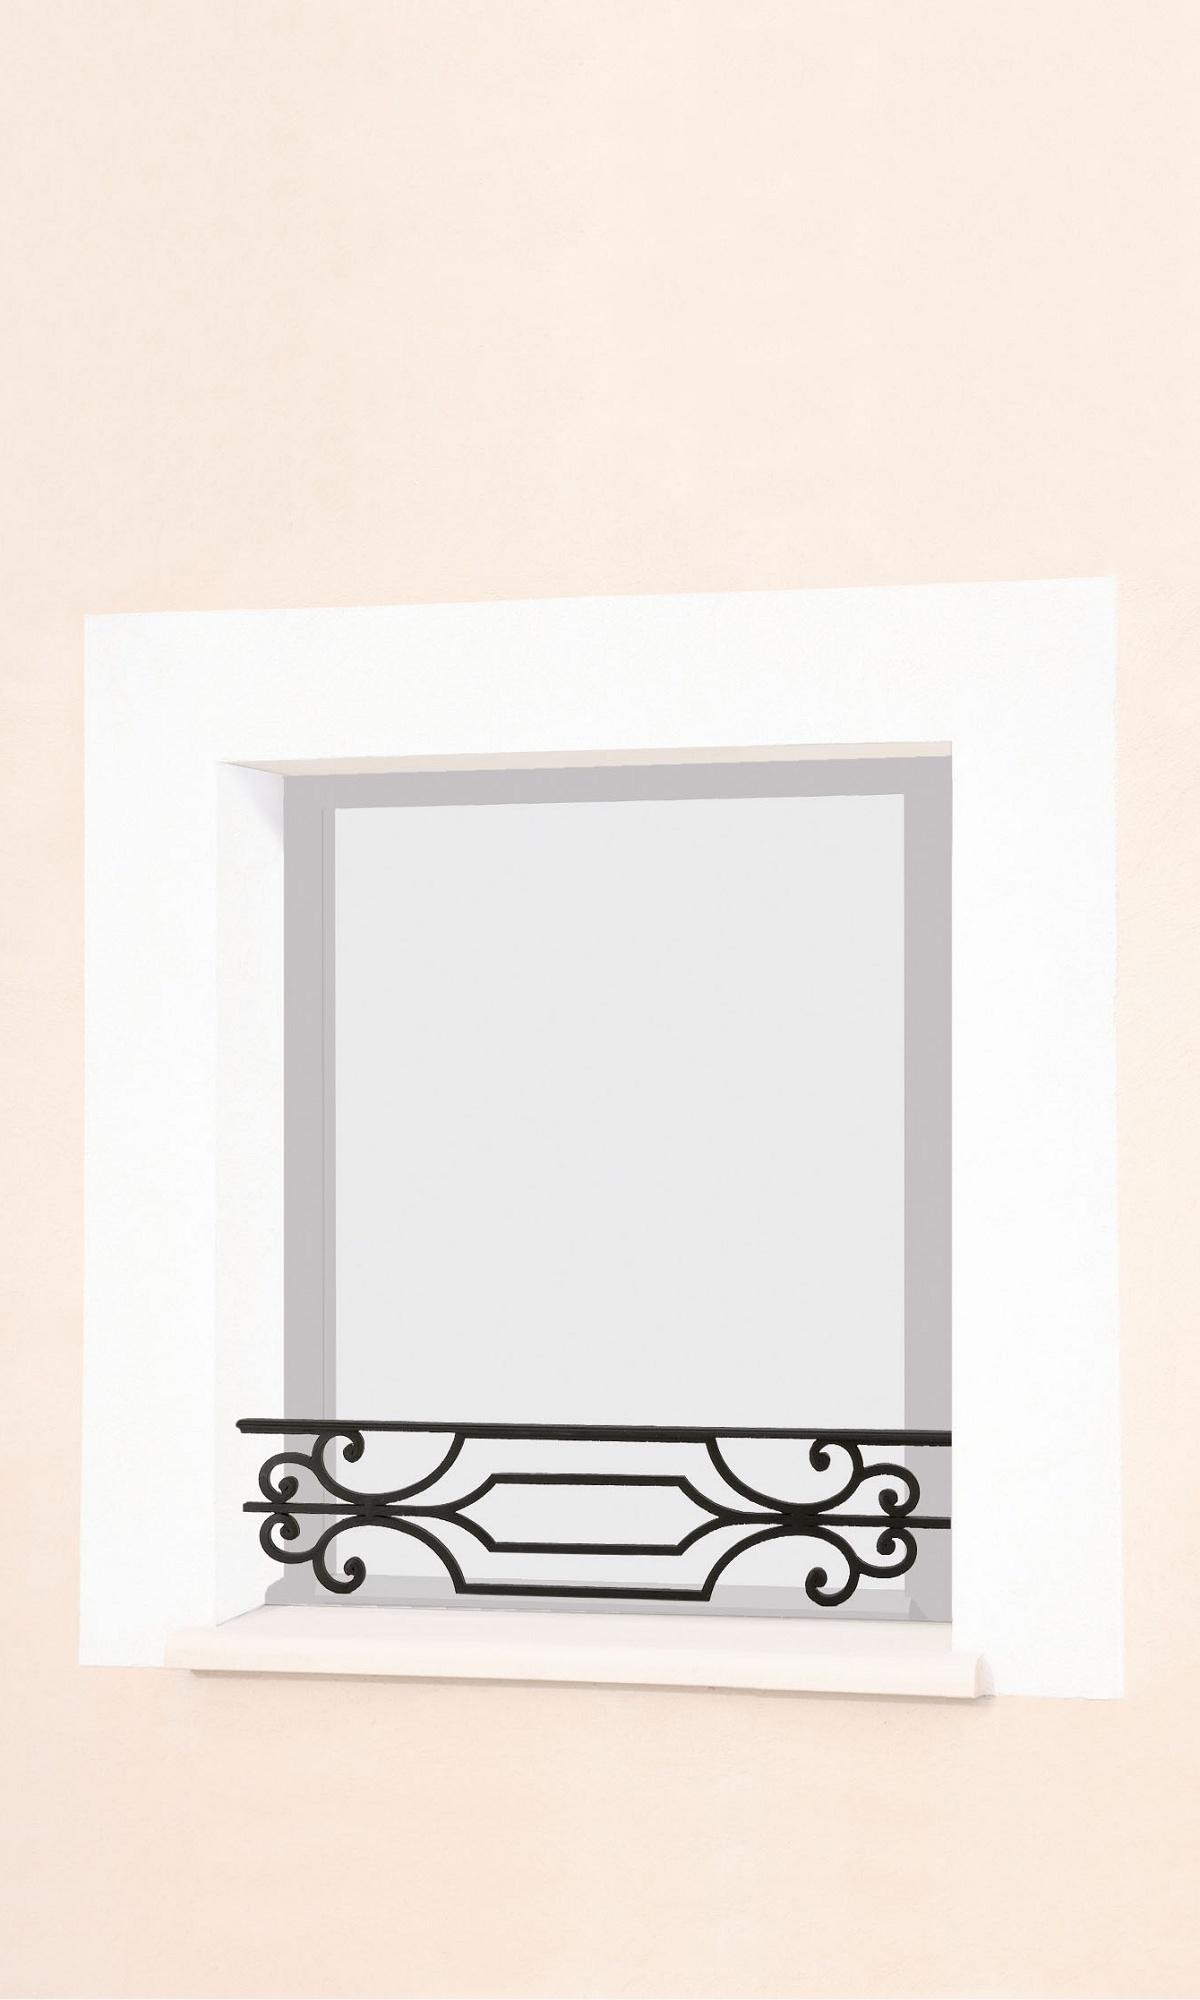 le ferronnier barre d 39 appui de fen tre en fer forg paris baparis. Black Bedroom Furniture Sets. Home Design Ideas